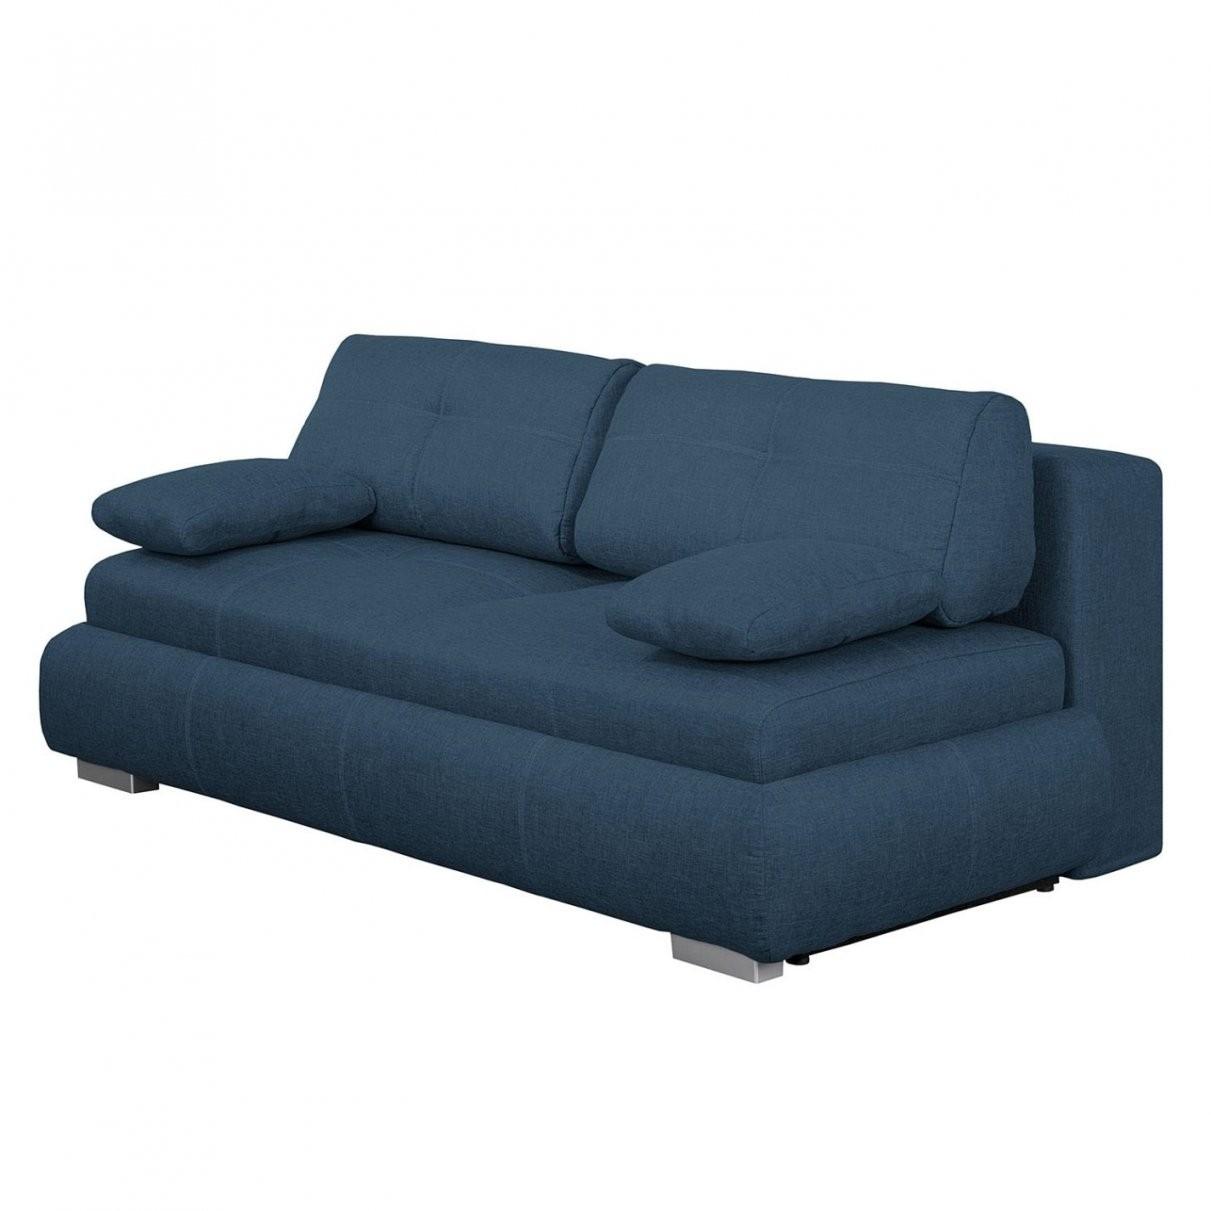 2 Sitzer Sofa Zum Ausziehen Luxus Couch Zum Ausziehen Schön von 2 Sitzer Sofa Zum Ausziehen Photo